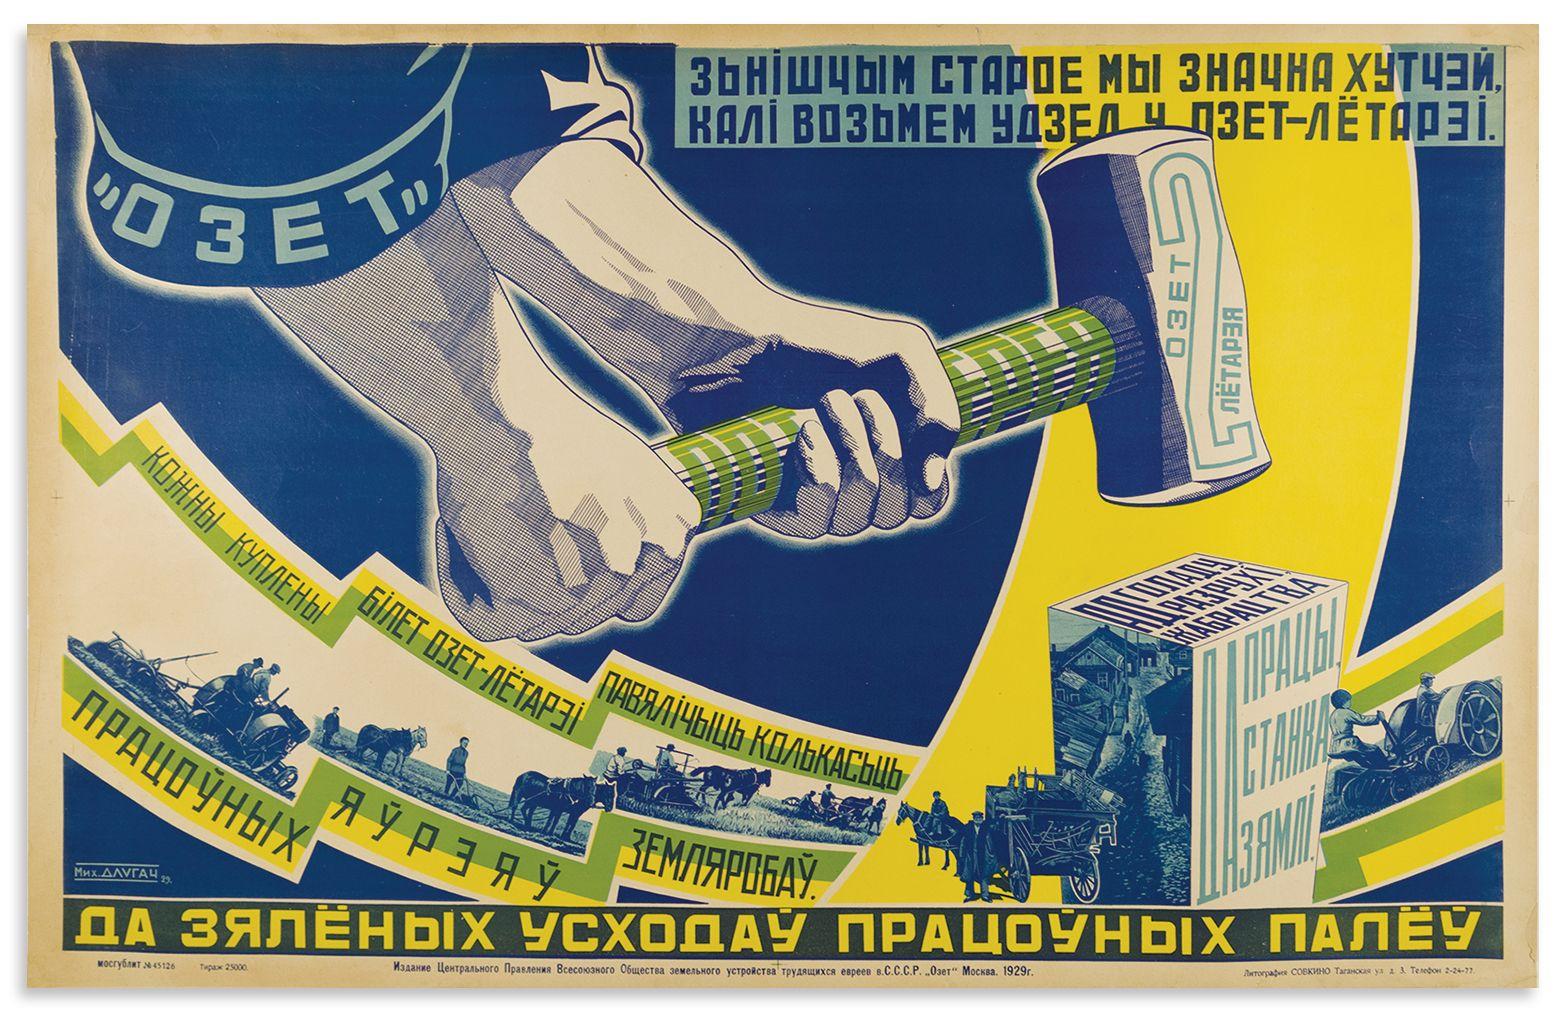 """Znishchim Staroye My Znachna Hutzei [""""We Will Rapidly Destroy the Old.""""]"""